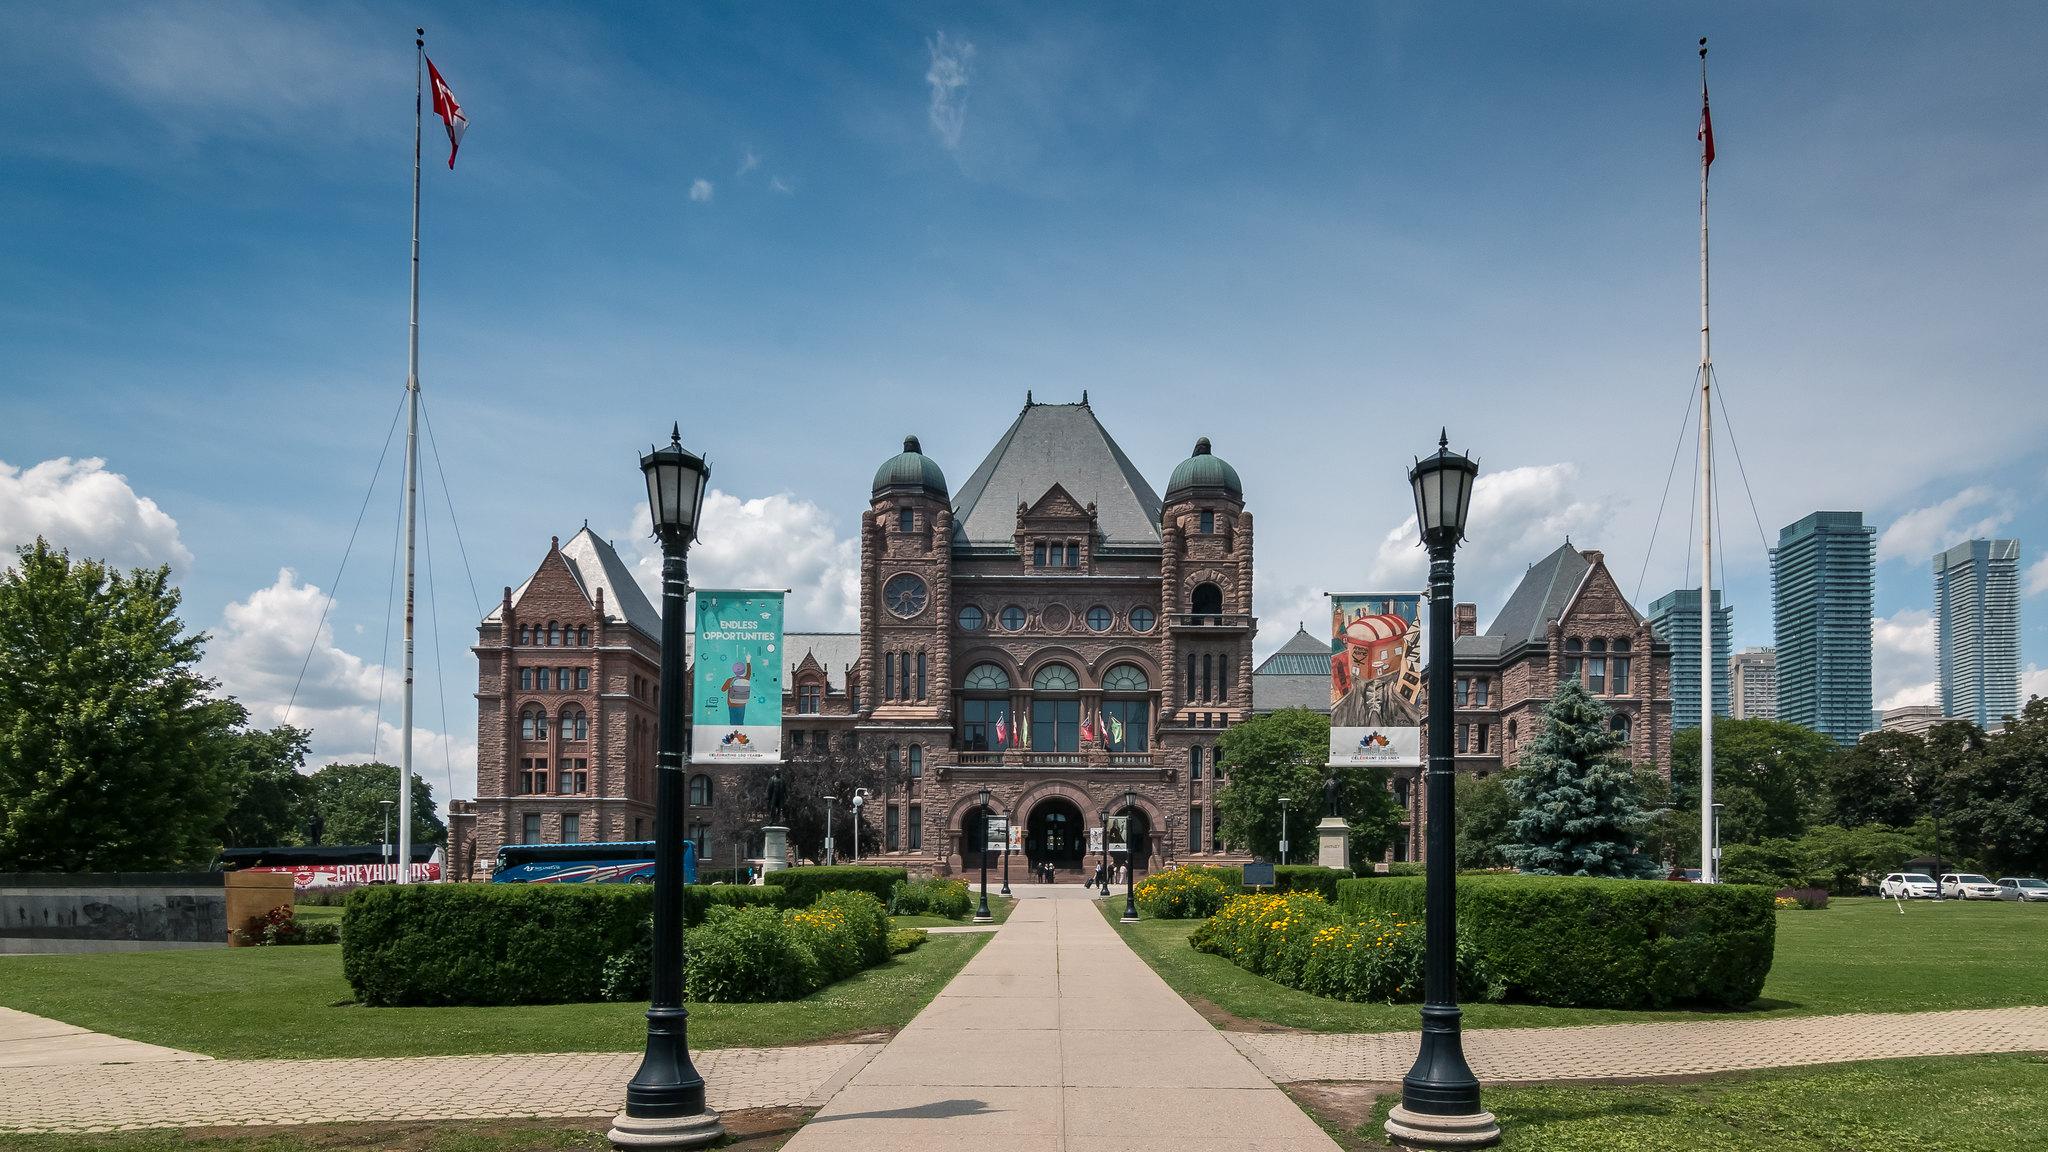 Toronto - Ontario - [Canada]